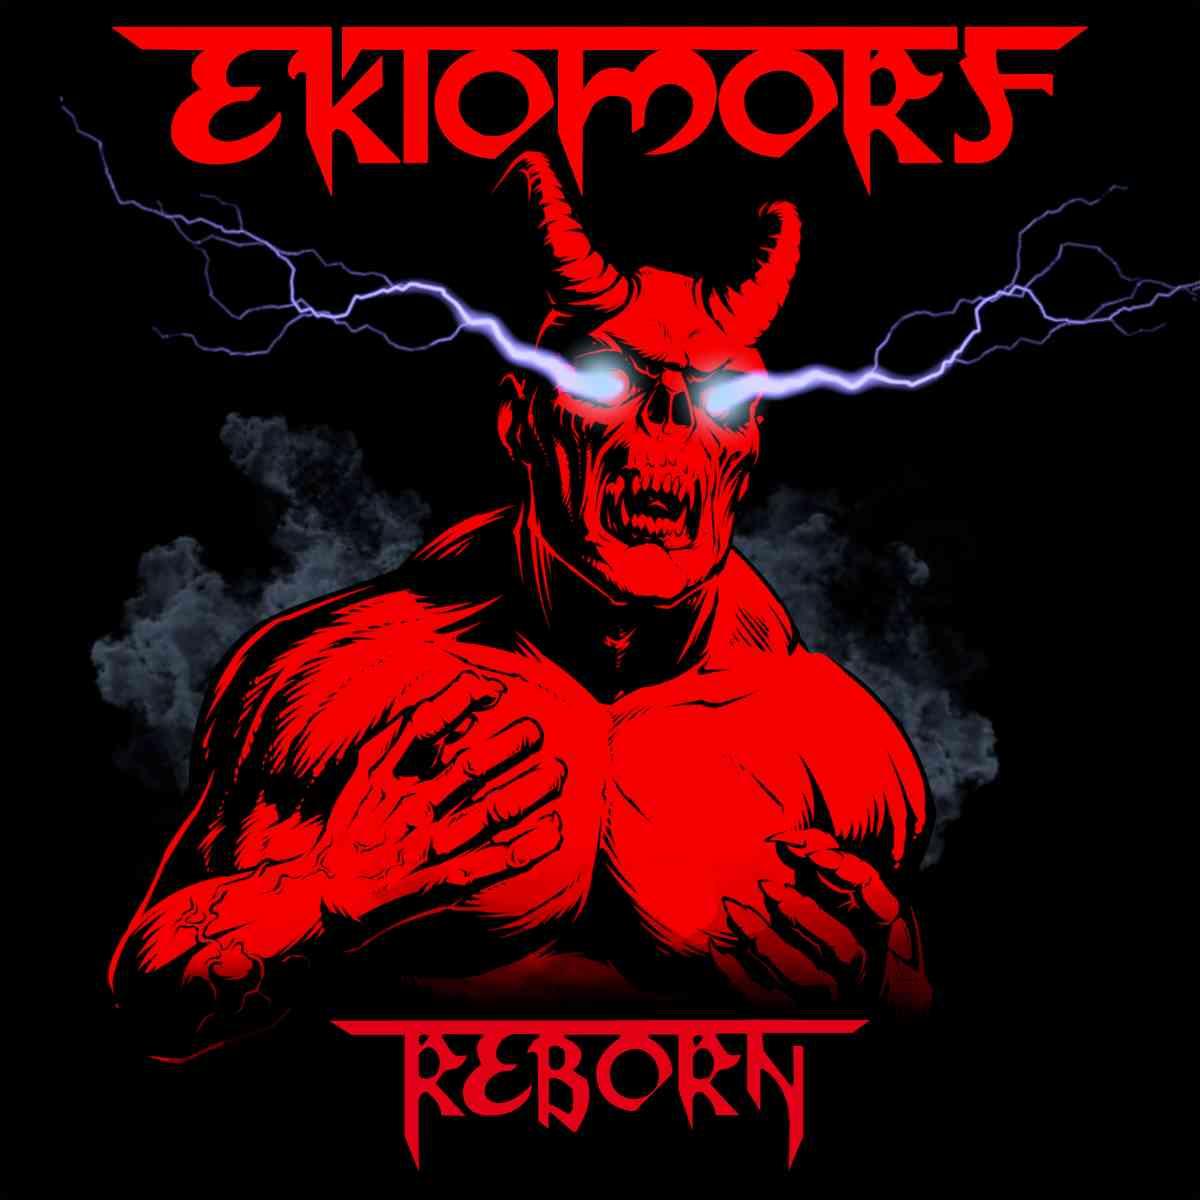 ektomorf - reborn - album cover